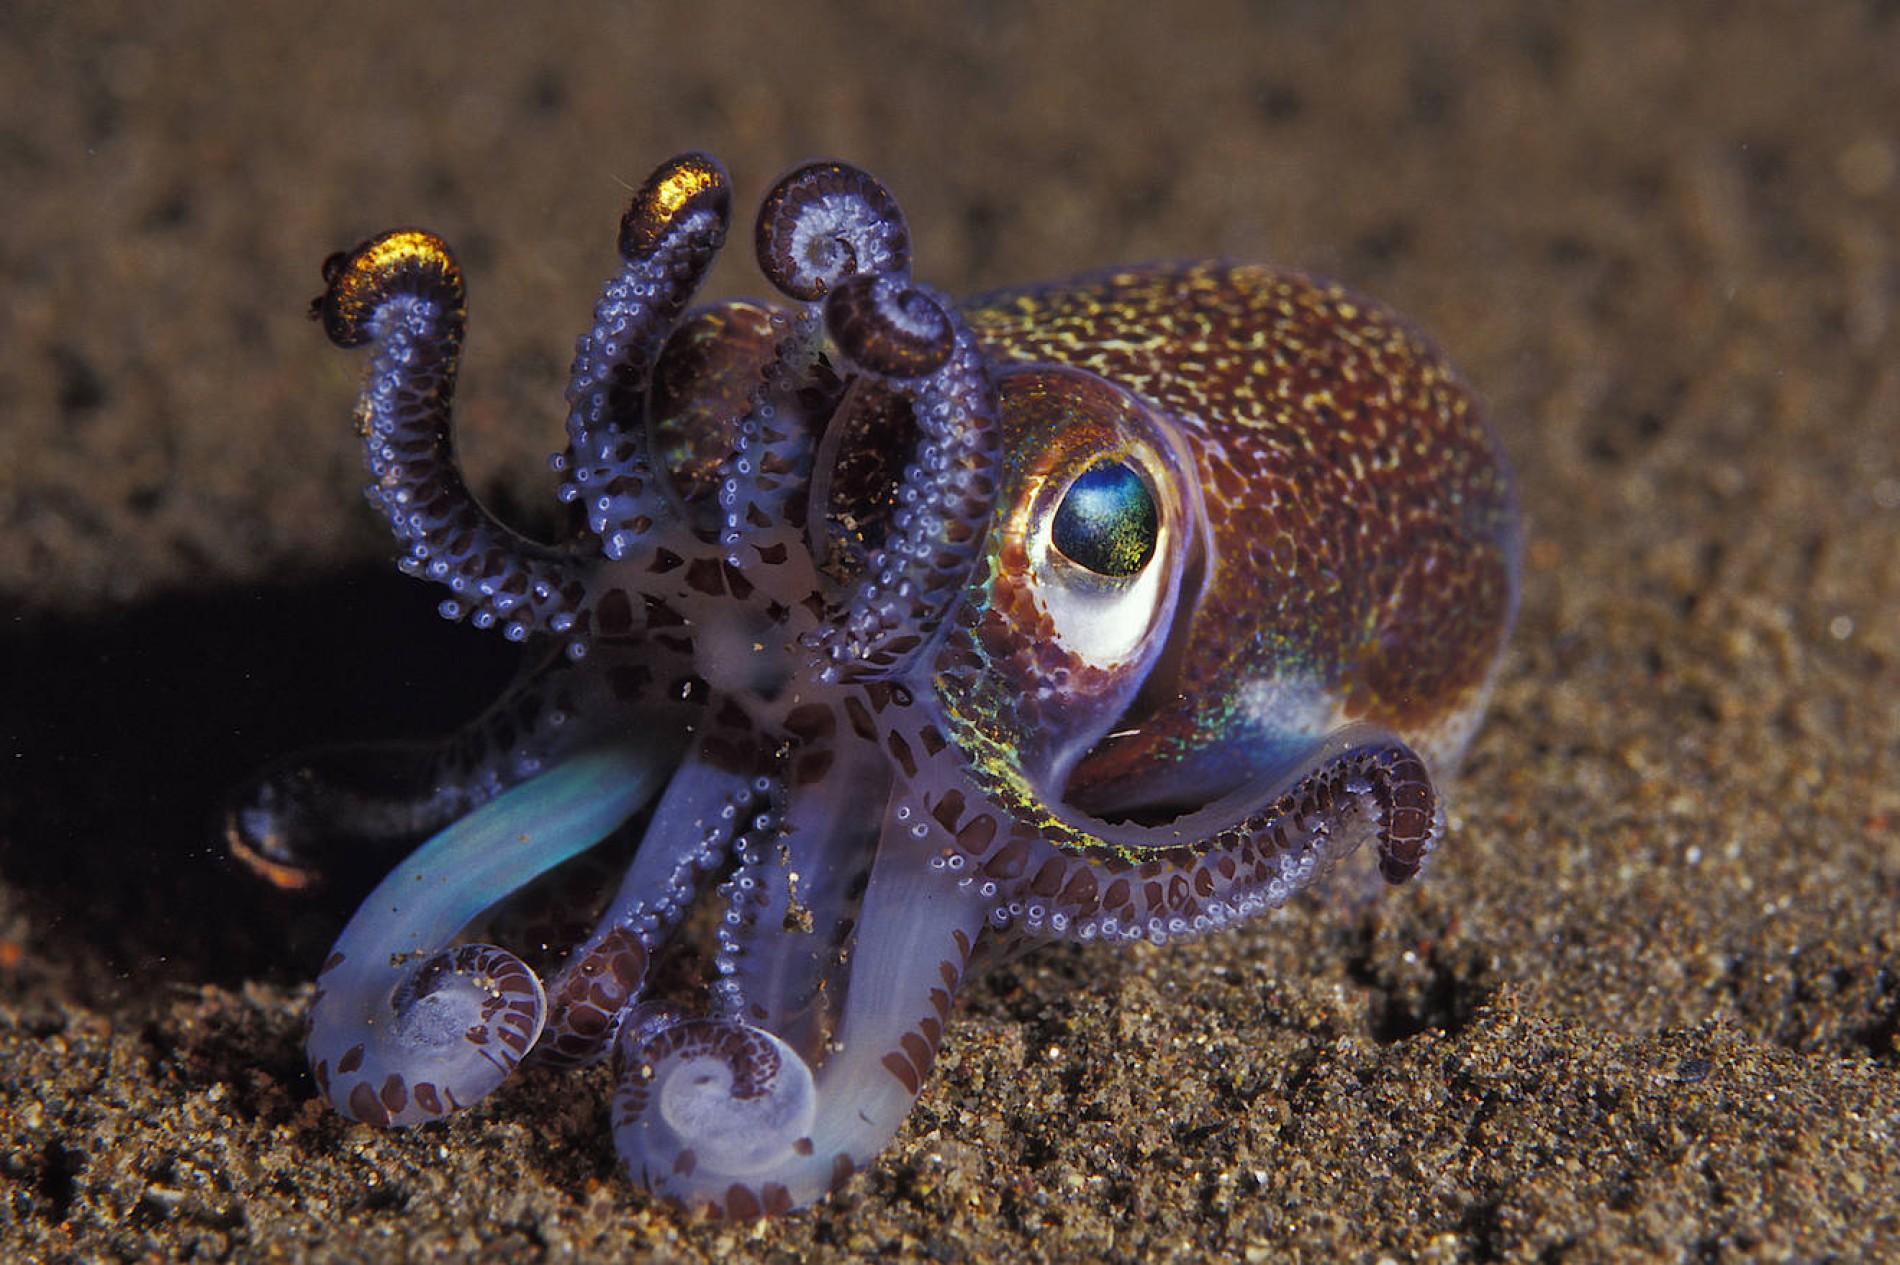 wie viele arme hat der oktopus